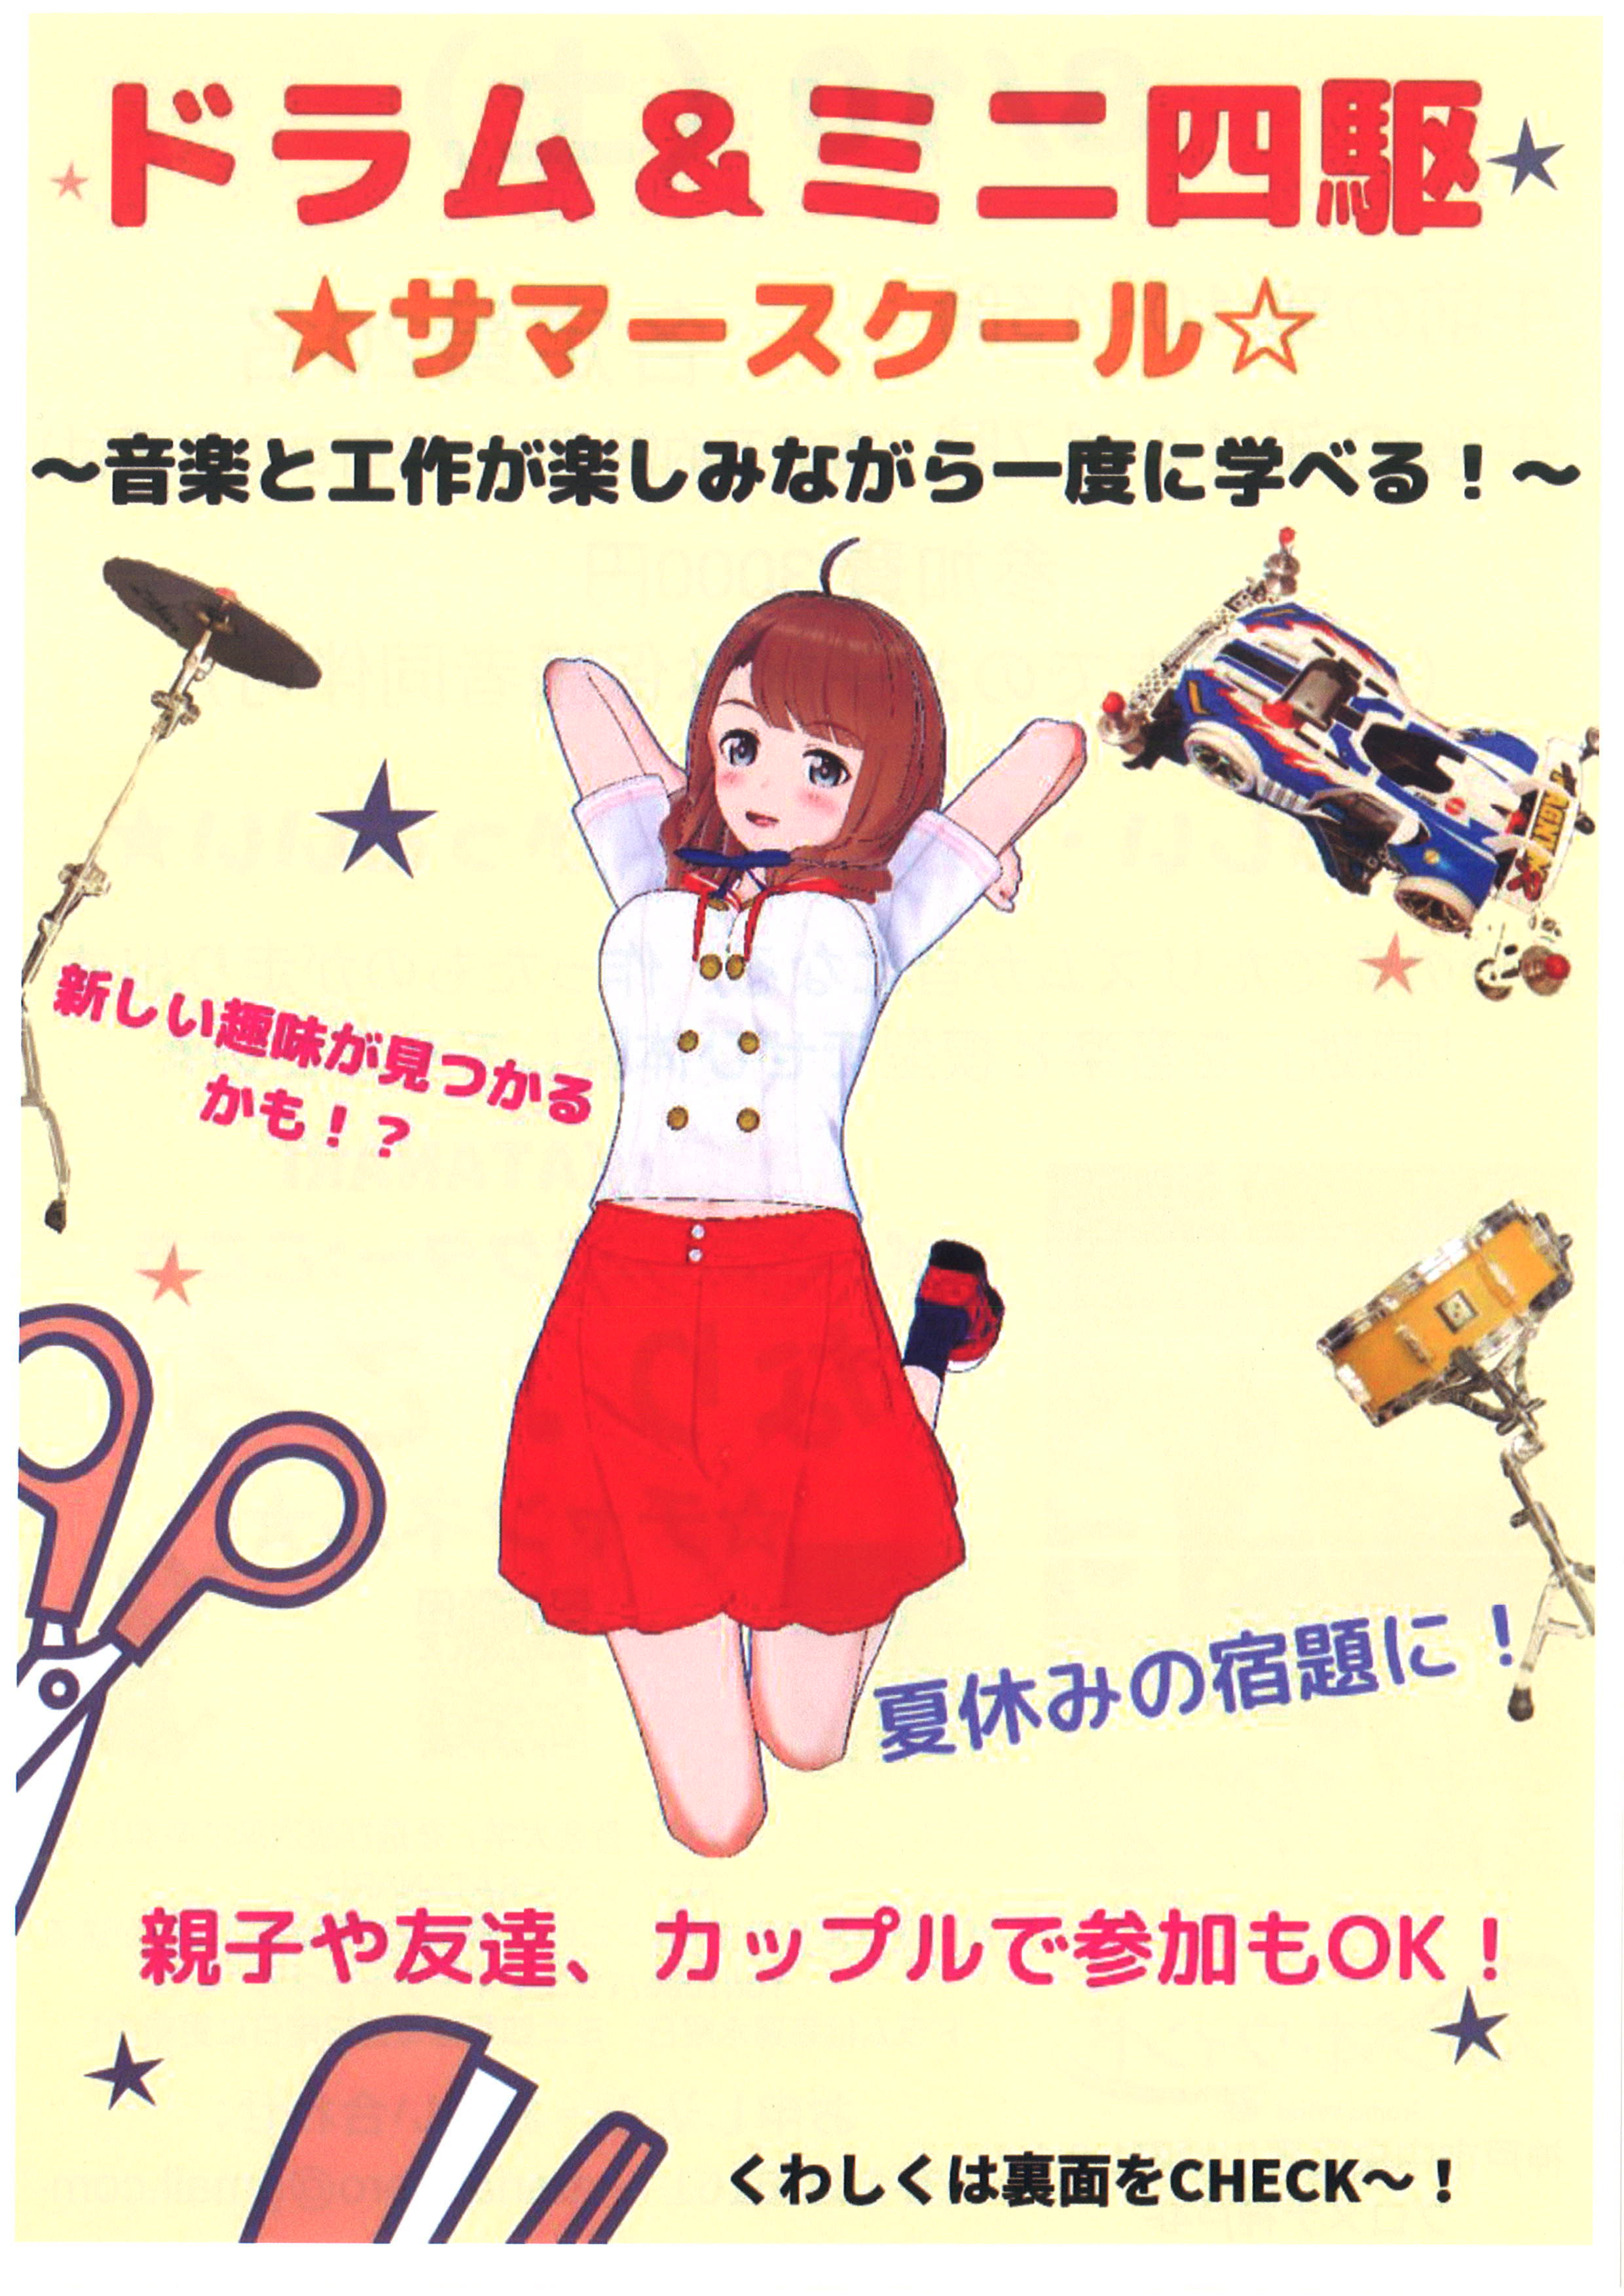 ミニ四駆02.jpg